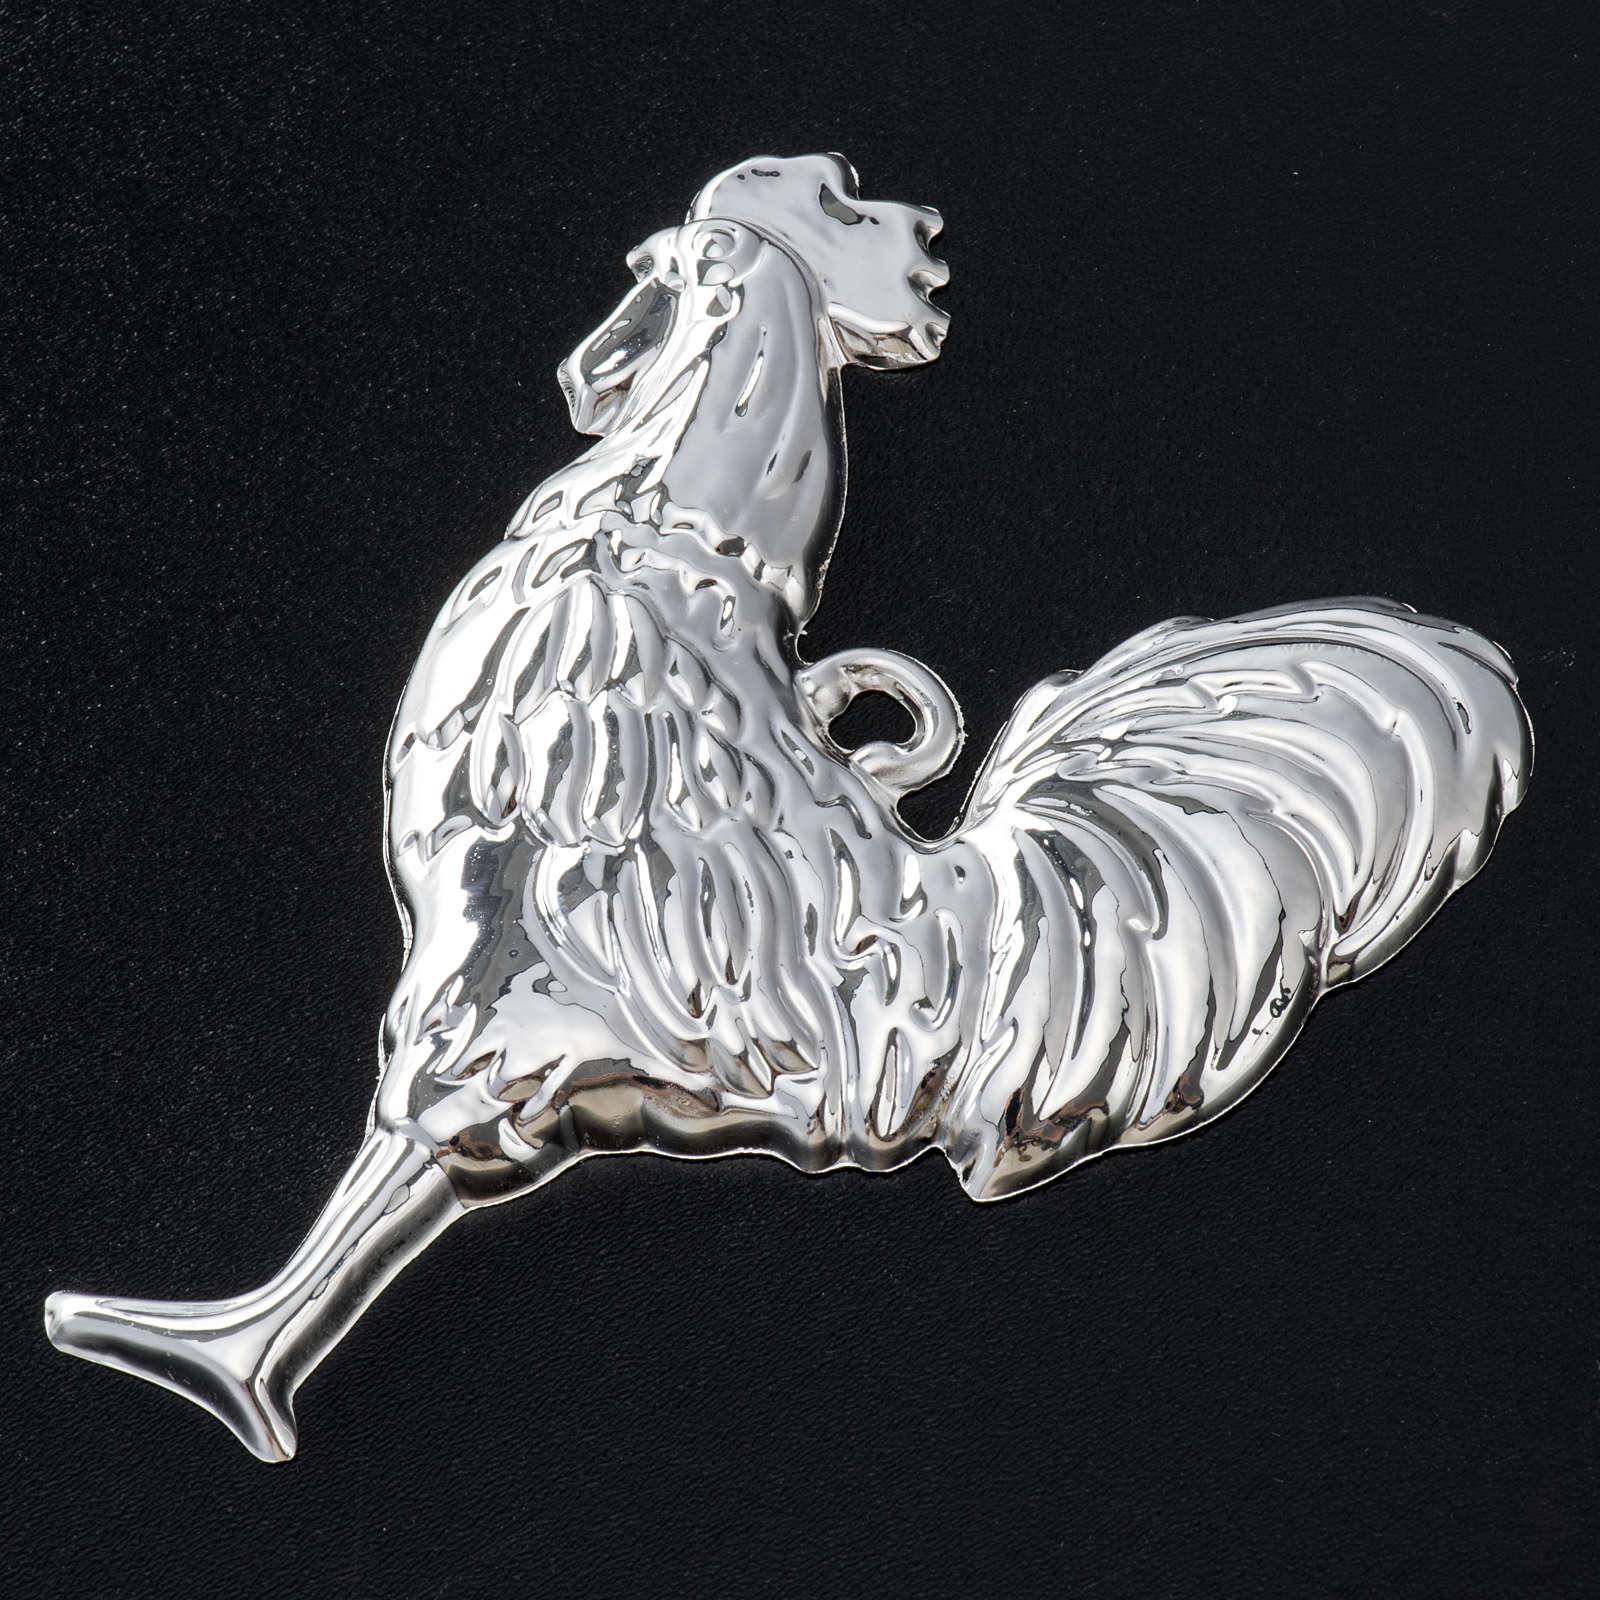 Ex voto coq en argent 925 ou métal 10x8 cm 3